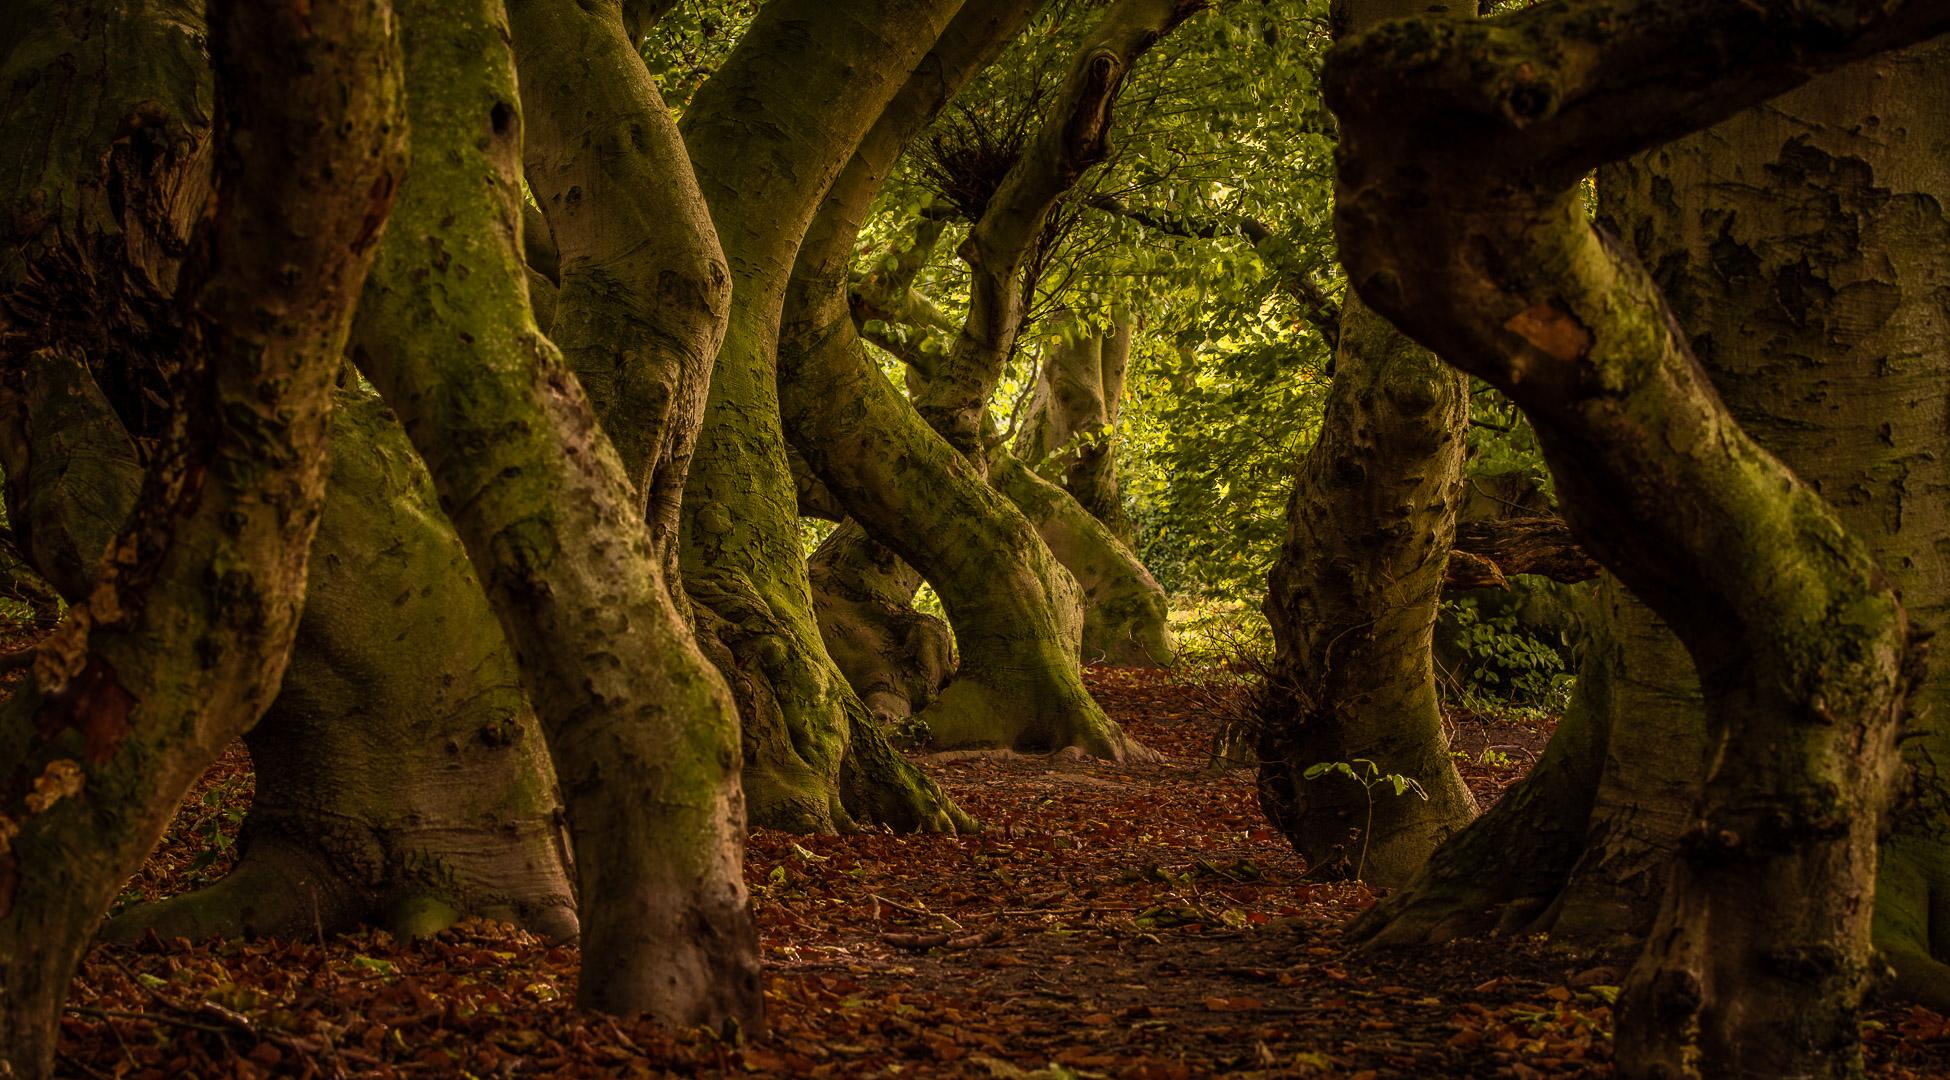 Märchenwald / fairytale forest